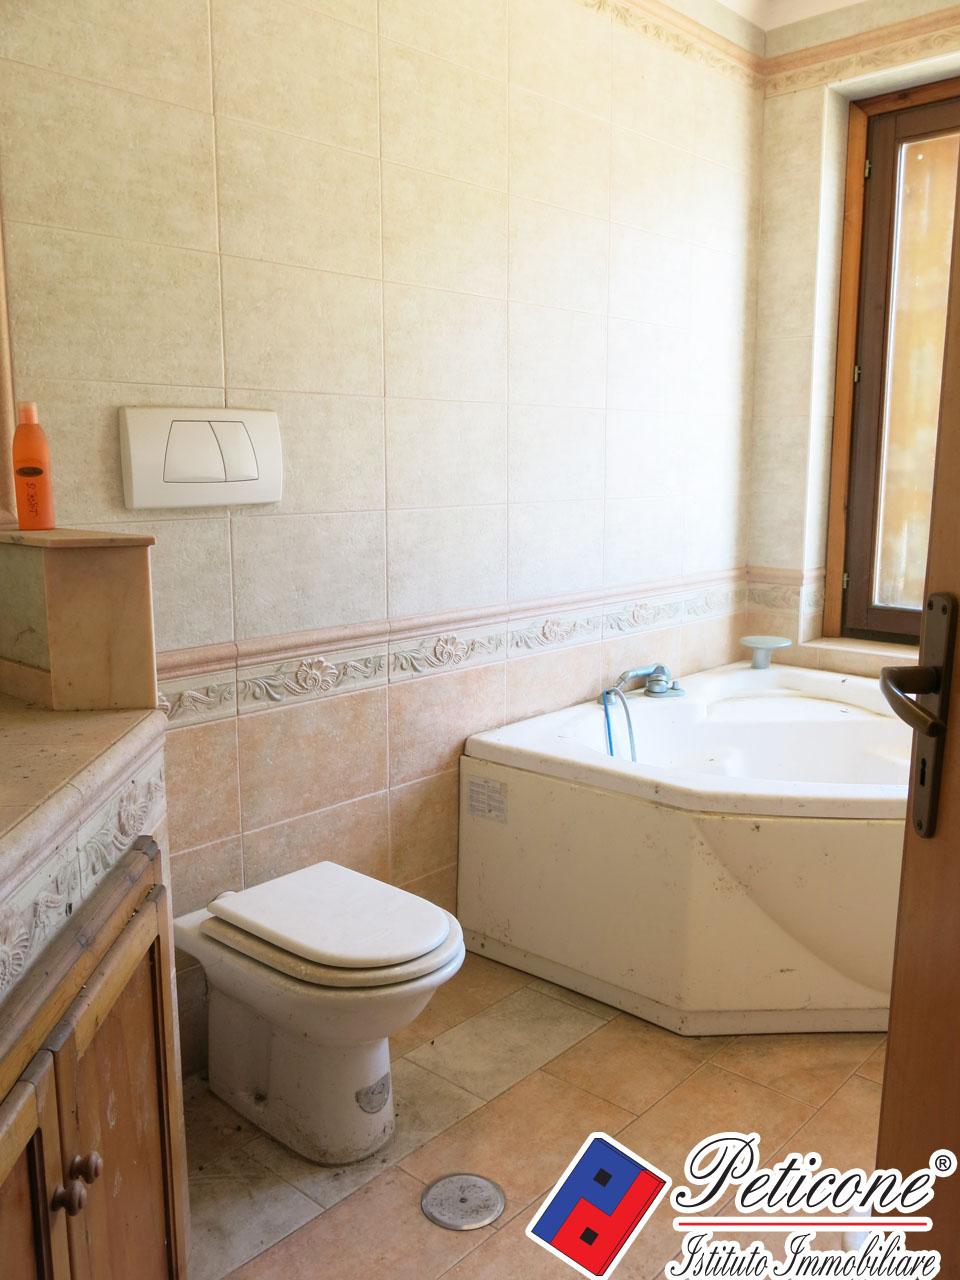 Villa in Vendita a Formia: 4 locali, 90 mq - Foto 9